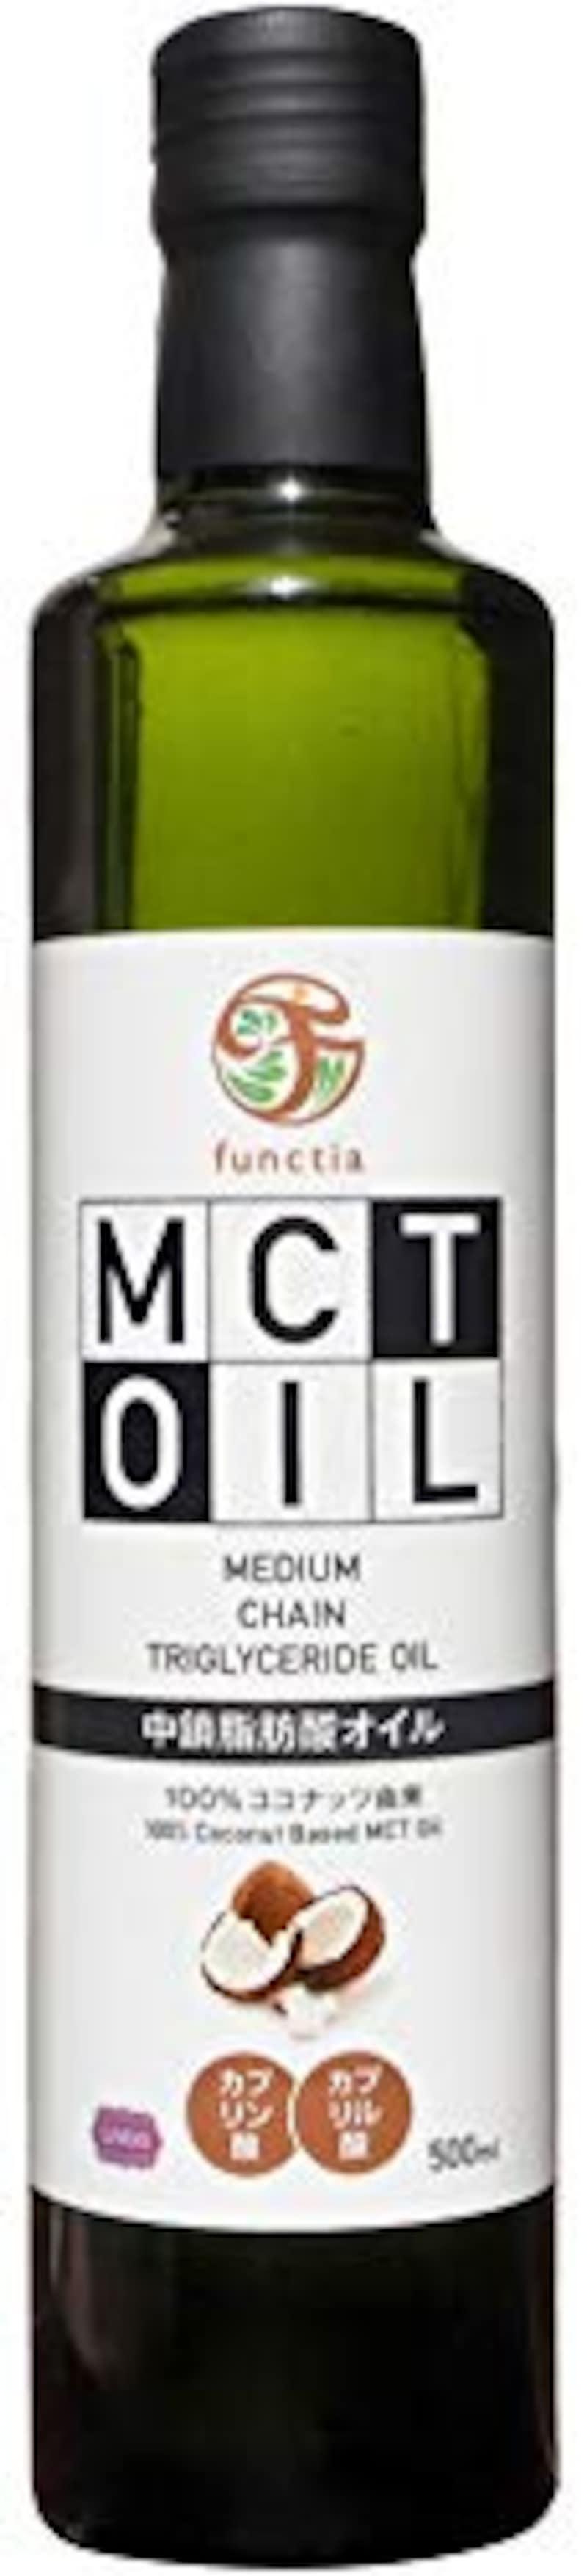 ファンクティア , MCTオイル